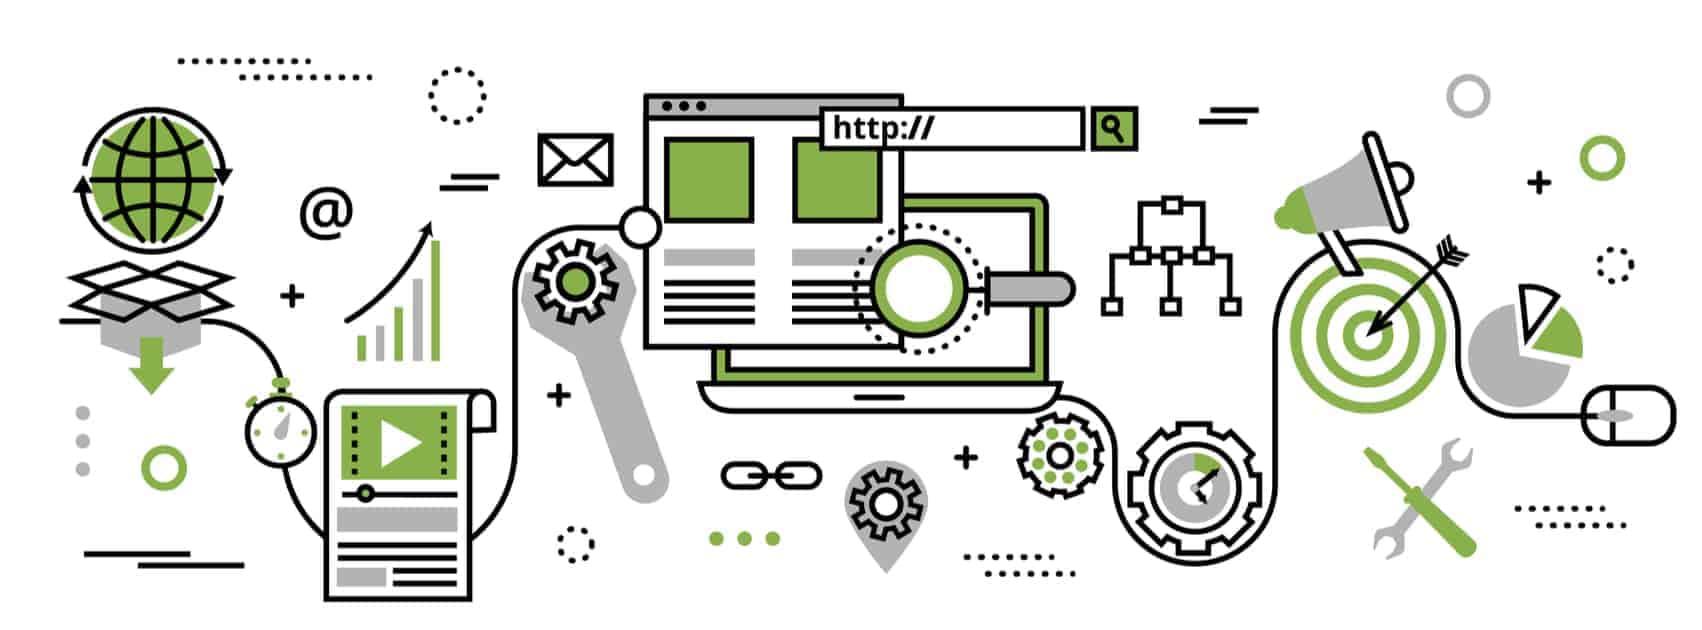 Les principaux critères de référencement sur le moteur de recherche Google